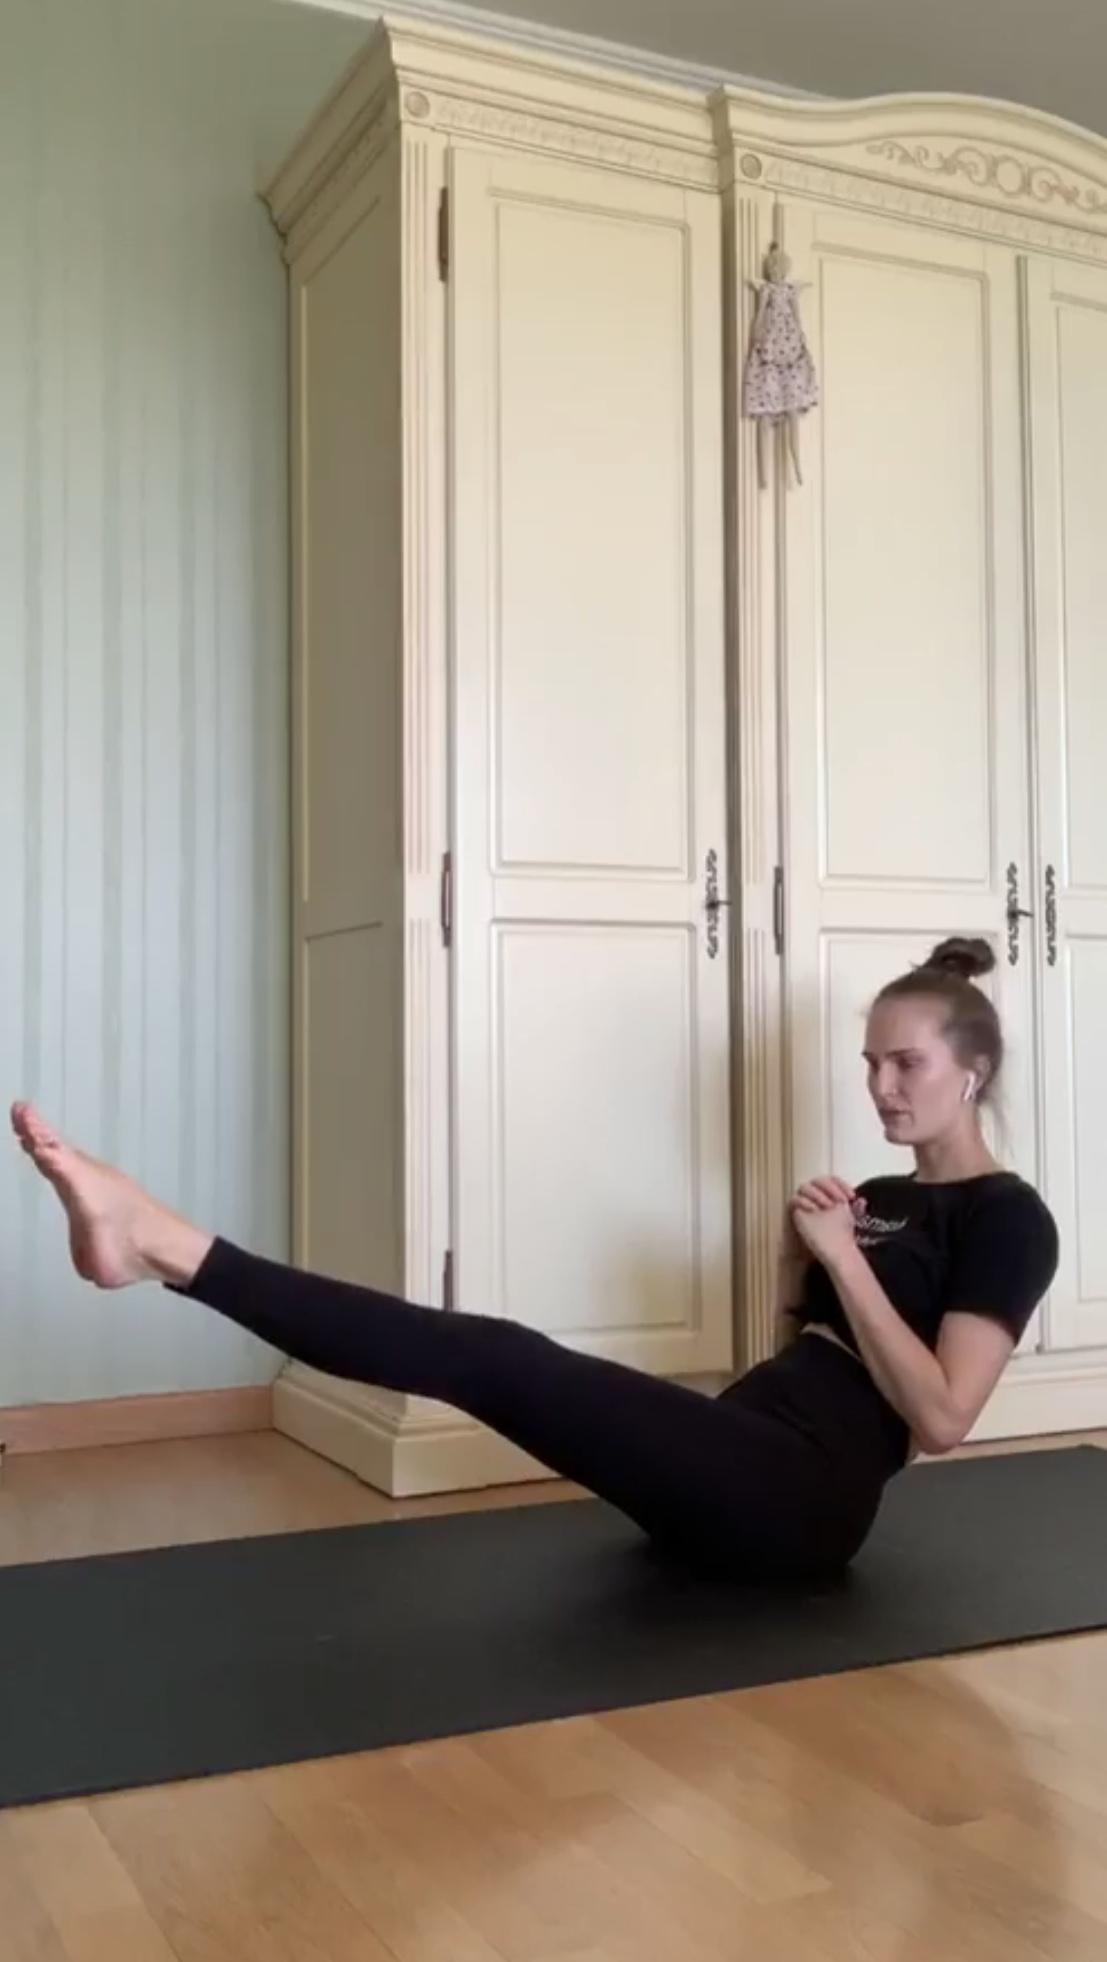 Тренировка на каждый день: комплекс упражнений от Аллы Костромичевой